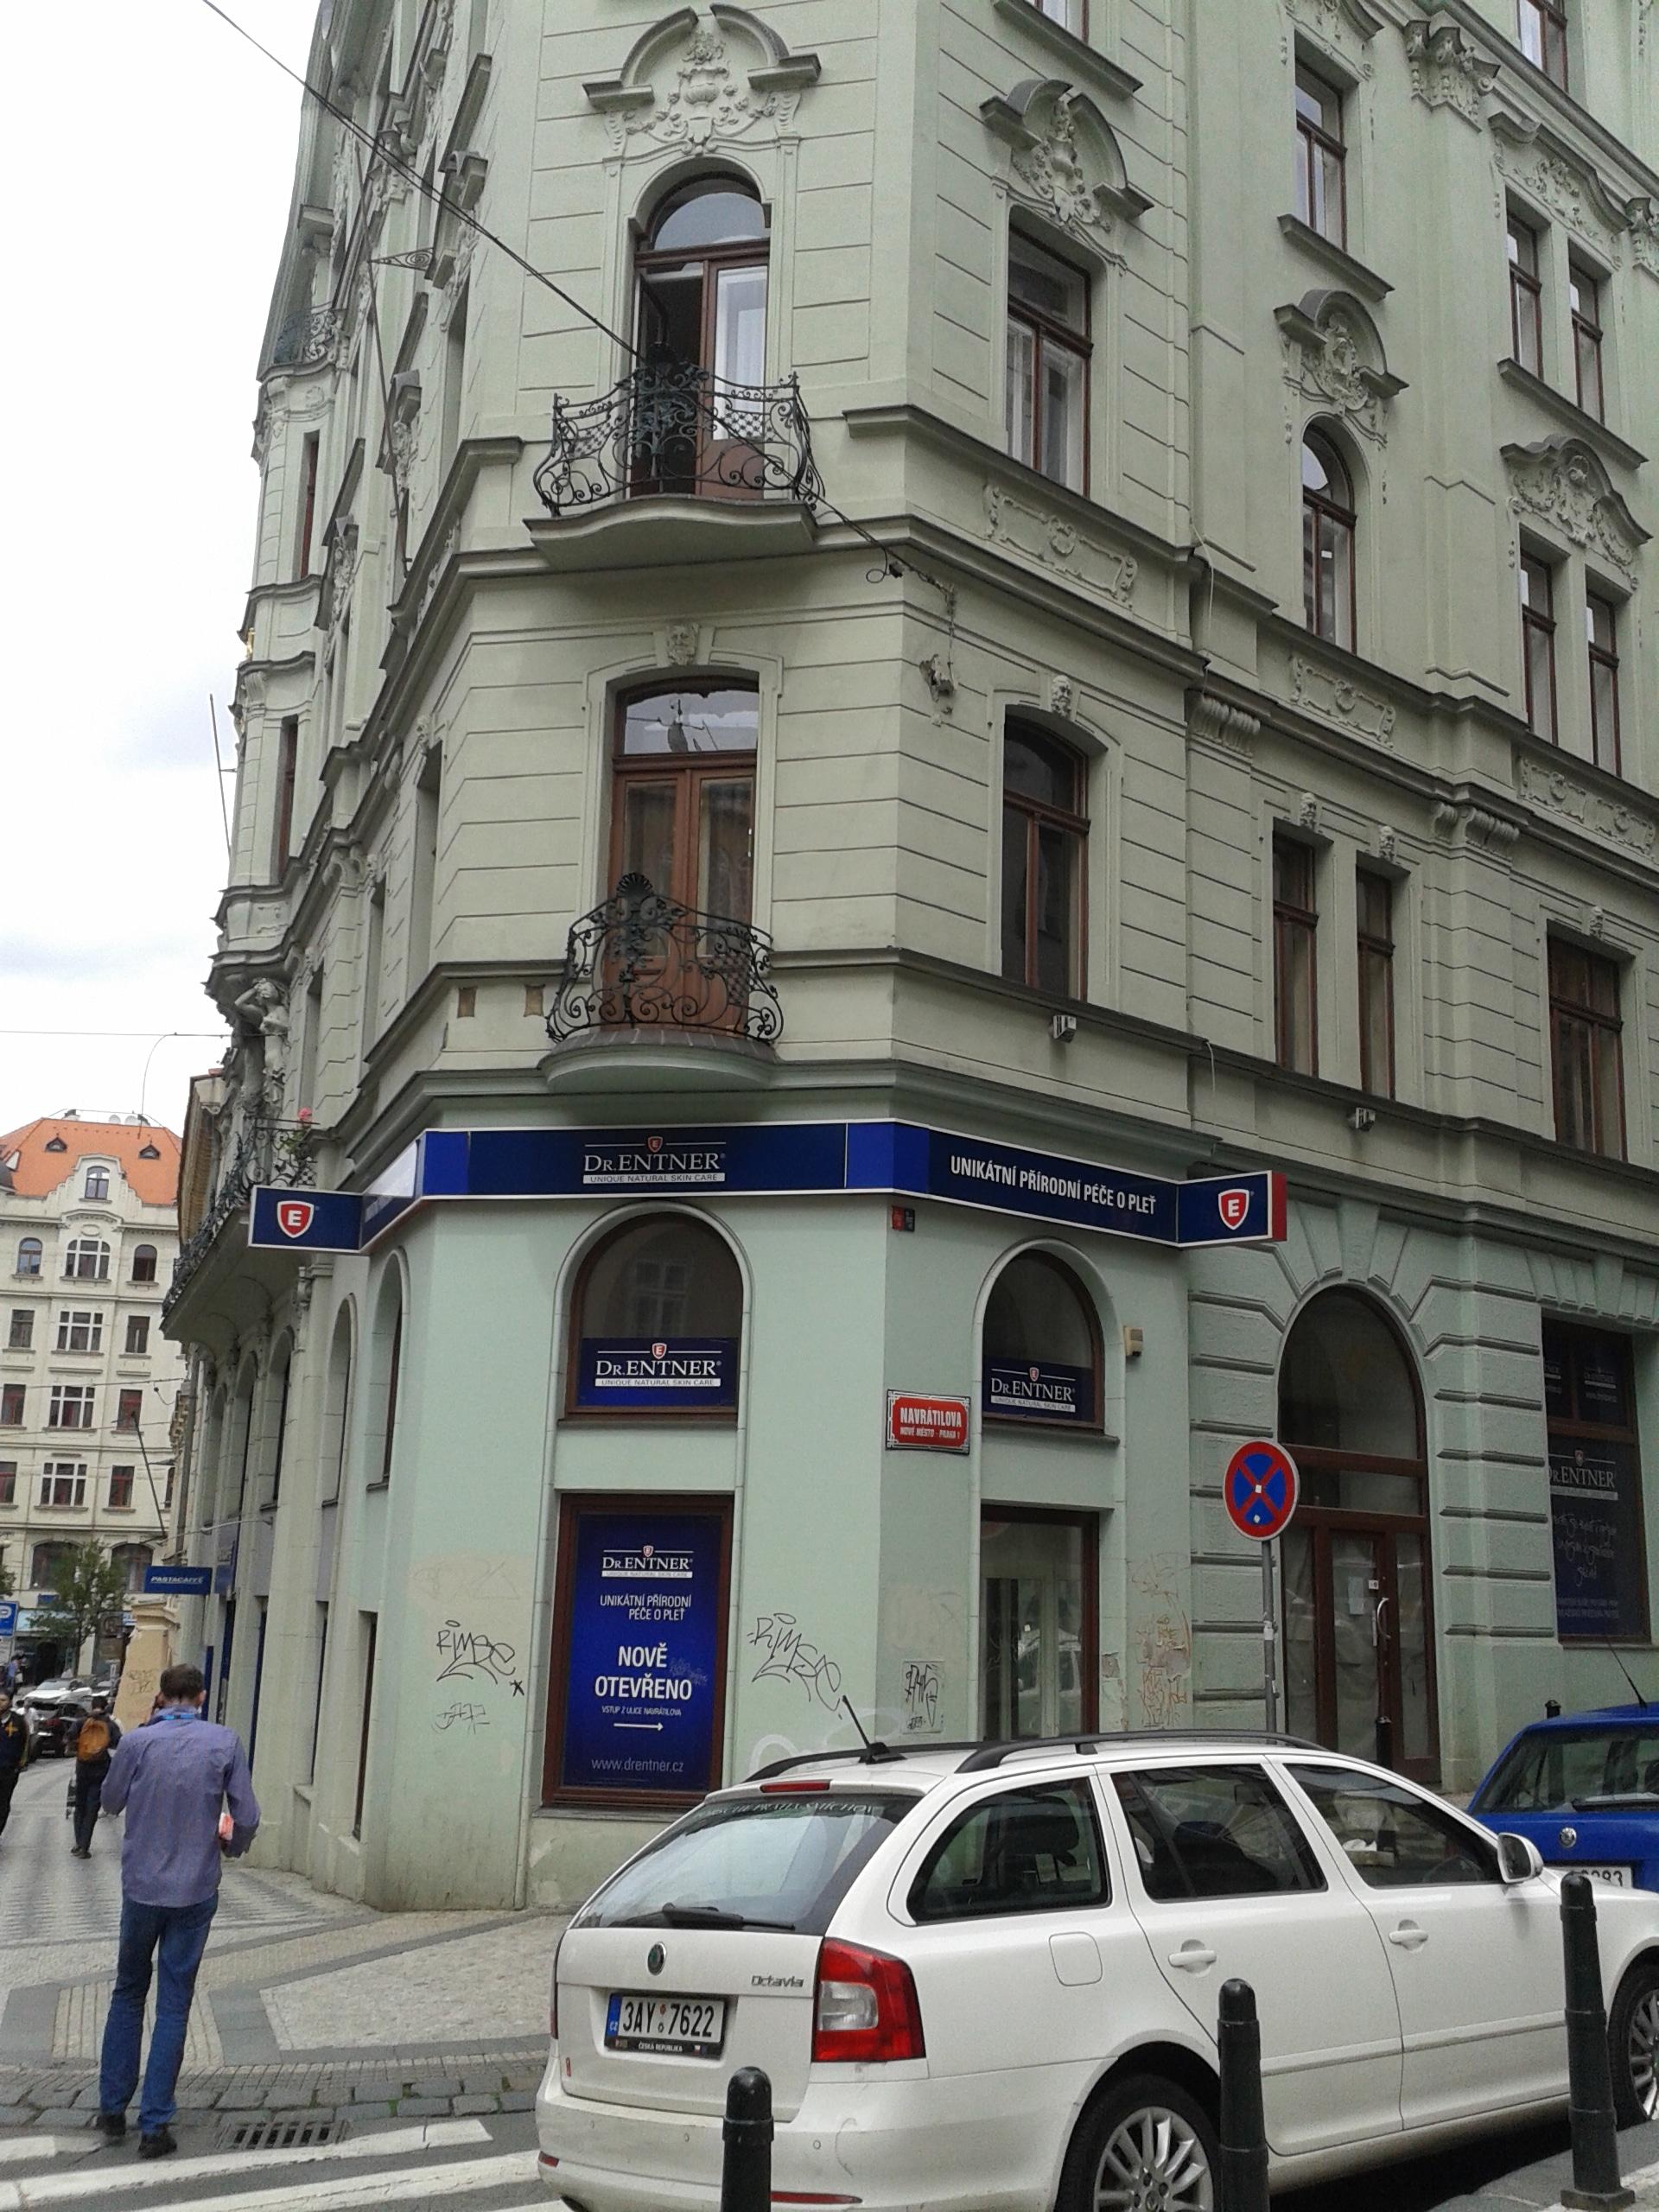 למכירה דירת 3+kk יפהפיה בפראג 1 העיר החדשה (29)